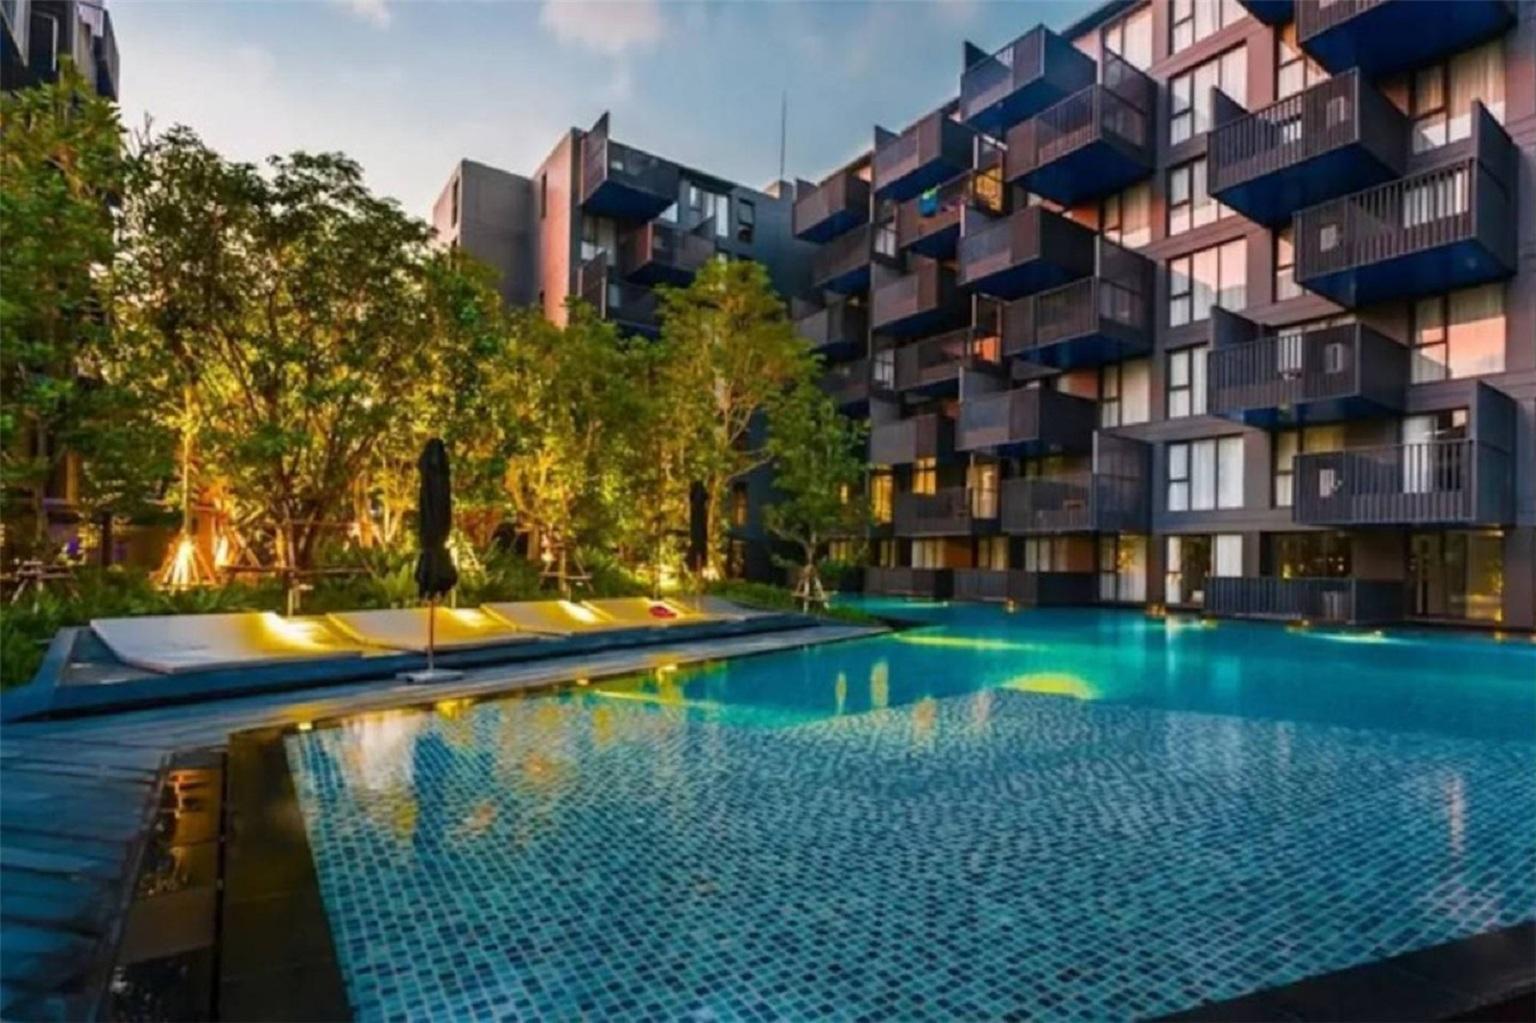 芭东海滩 豪华4星公寓  无边泳池  厨房  沙滩 Jungceylon 江西冷酒吧街  步行可达 อพาร์ตเมนต์ 1 ห้องนอน 1 ห้องน้ำส่วนตัว ขนาด 40 ตร.ม. – ป่าตอง